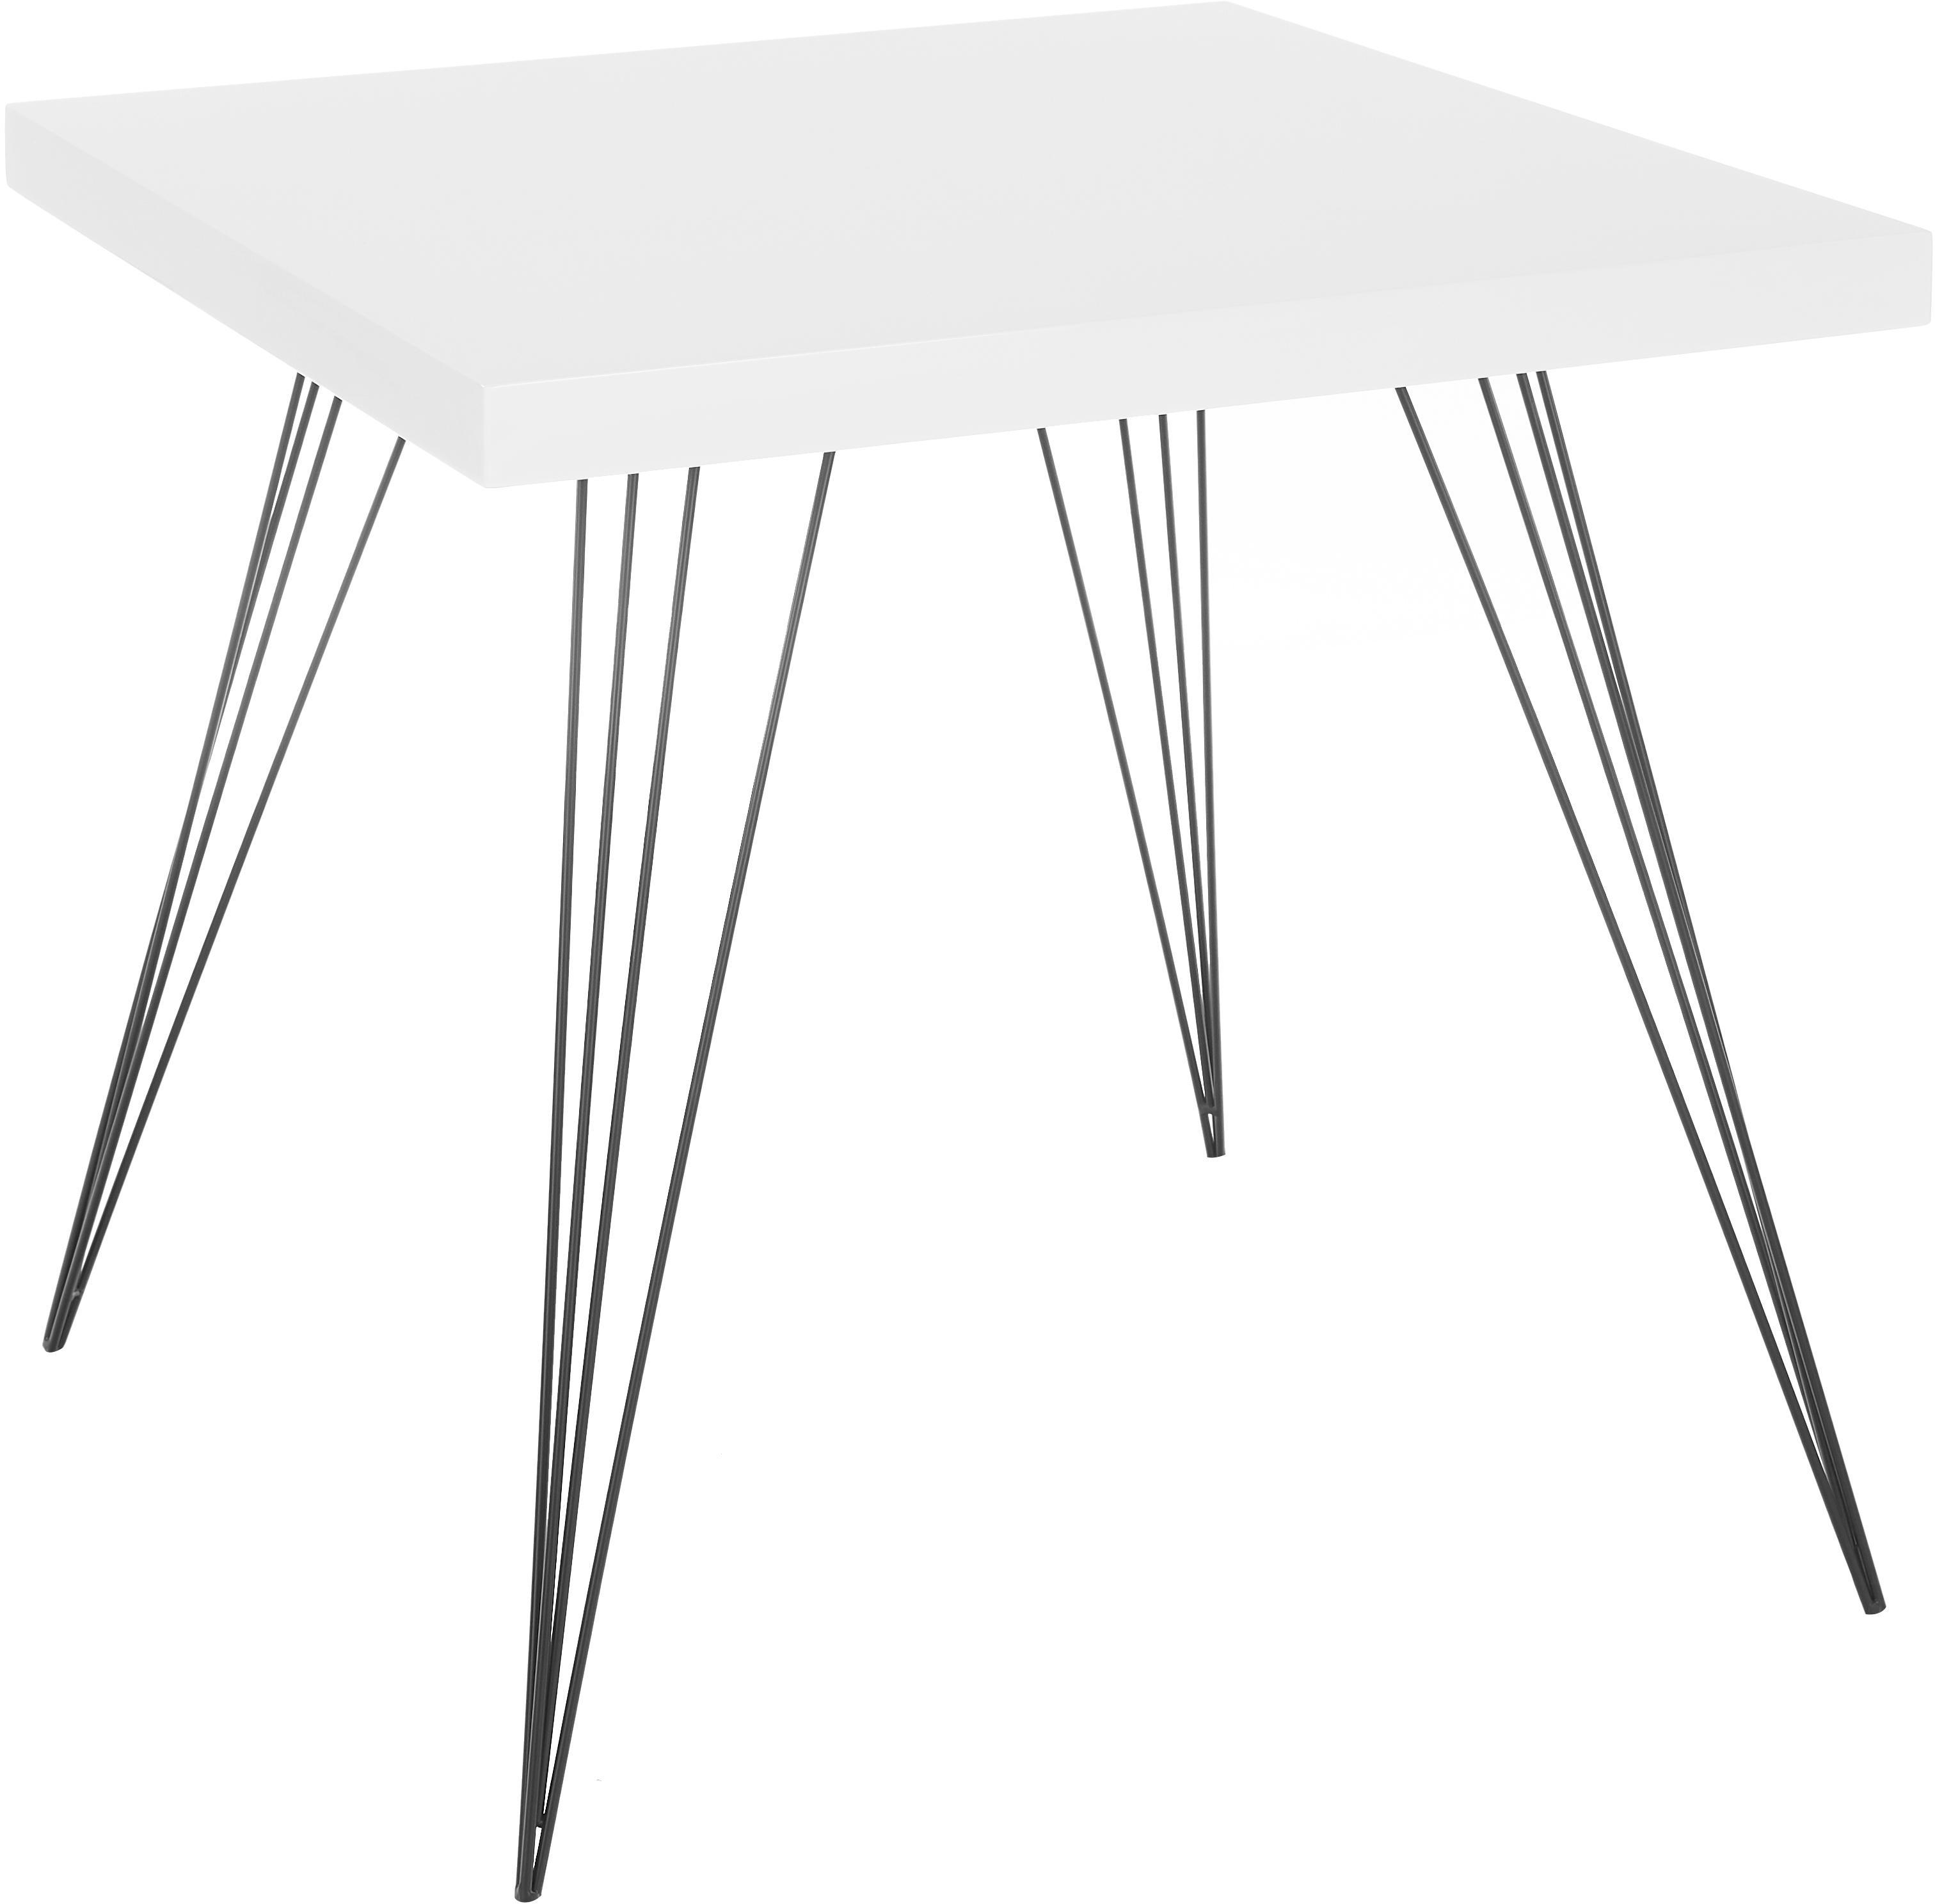 Mały stół do jadalni z nogami z metalu Wolcott, Blat: płyta pilśniowa o średnie, Nogi: żeliwo lakierowane, Biały, czarny, S 80 x G 80 cm